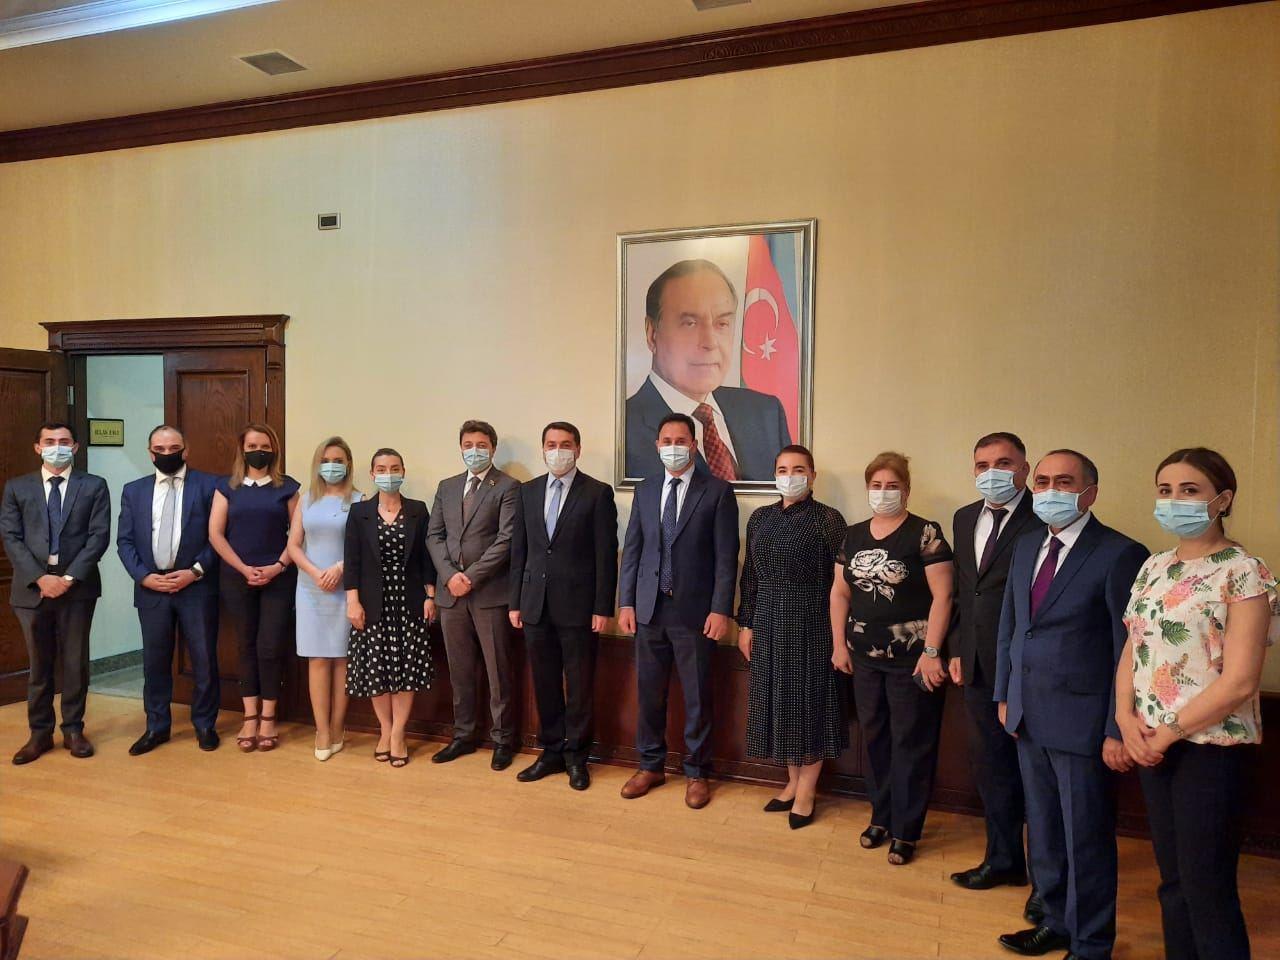 Хикмет Гаджиев встретился с членами азербайджанской общины Нагорного Карабаха